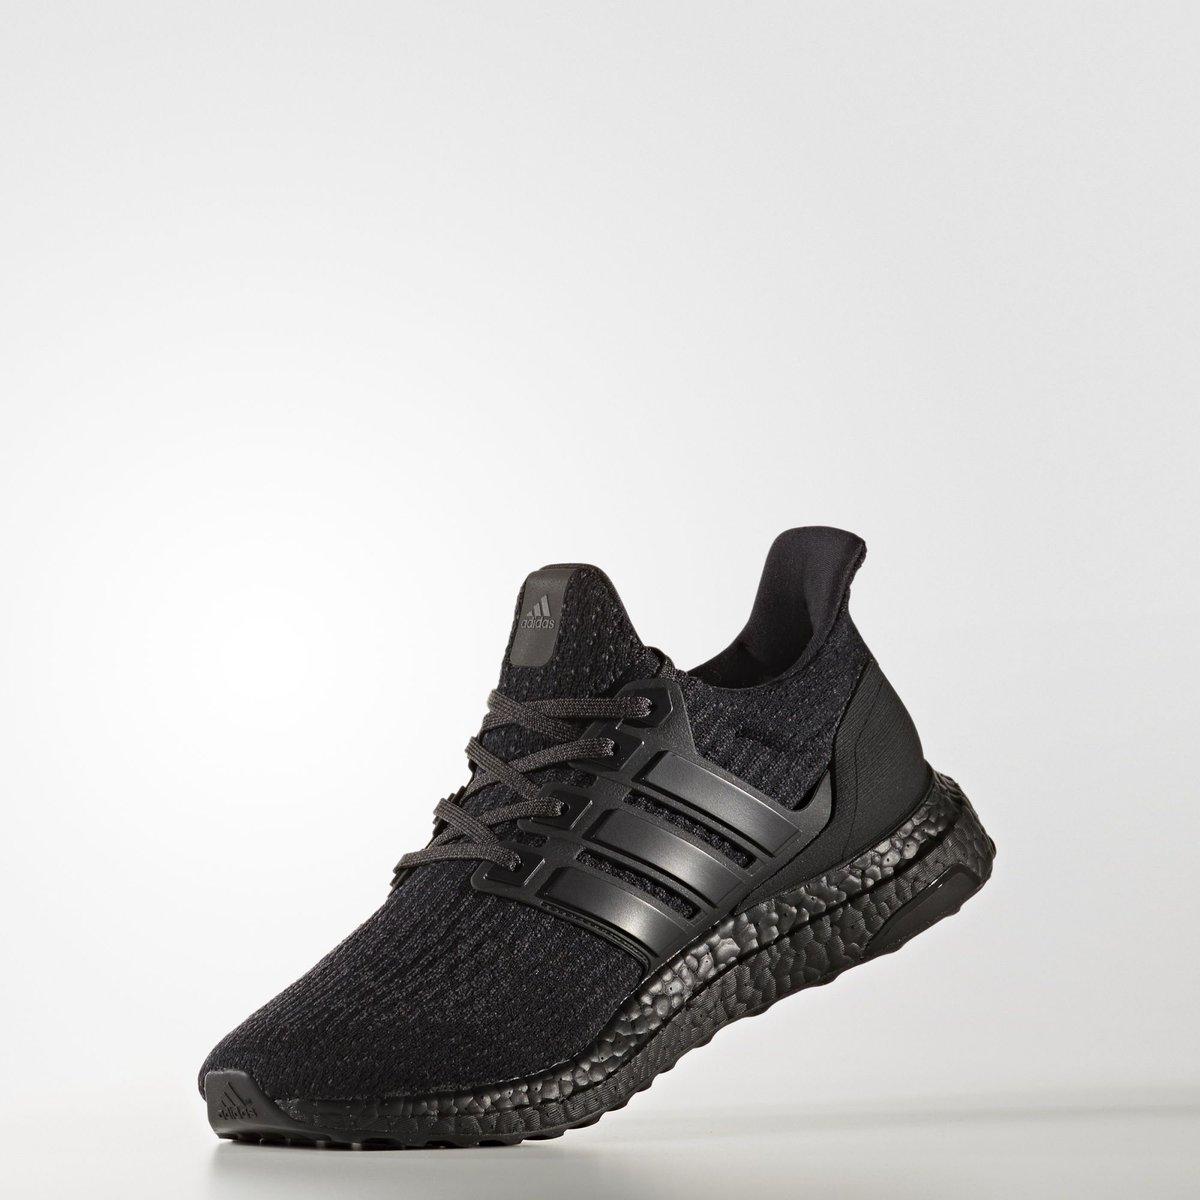 My Adidas Ultra boost 3.0